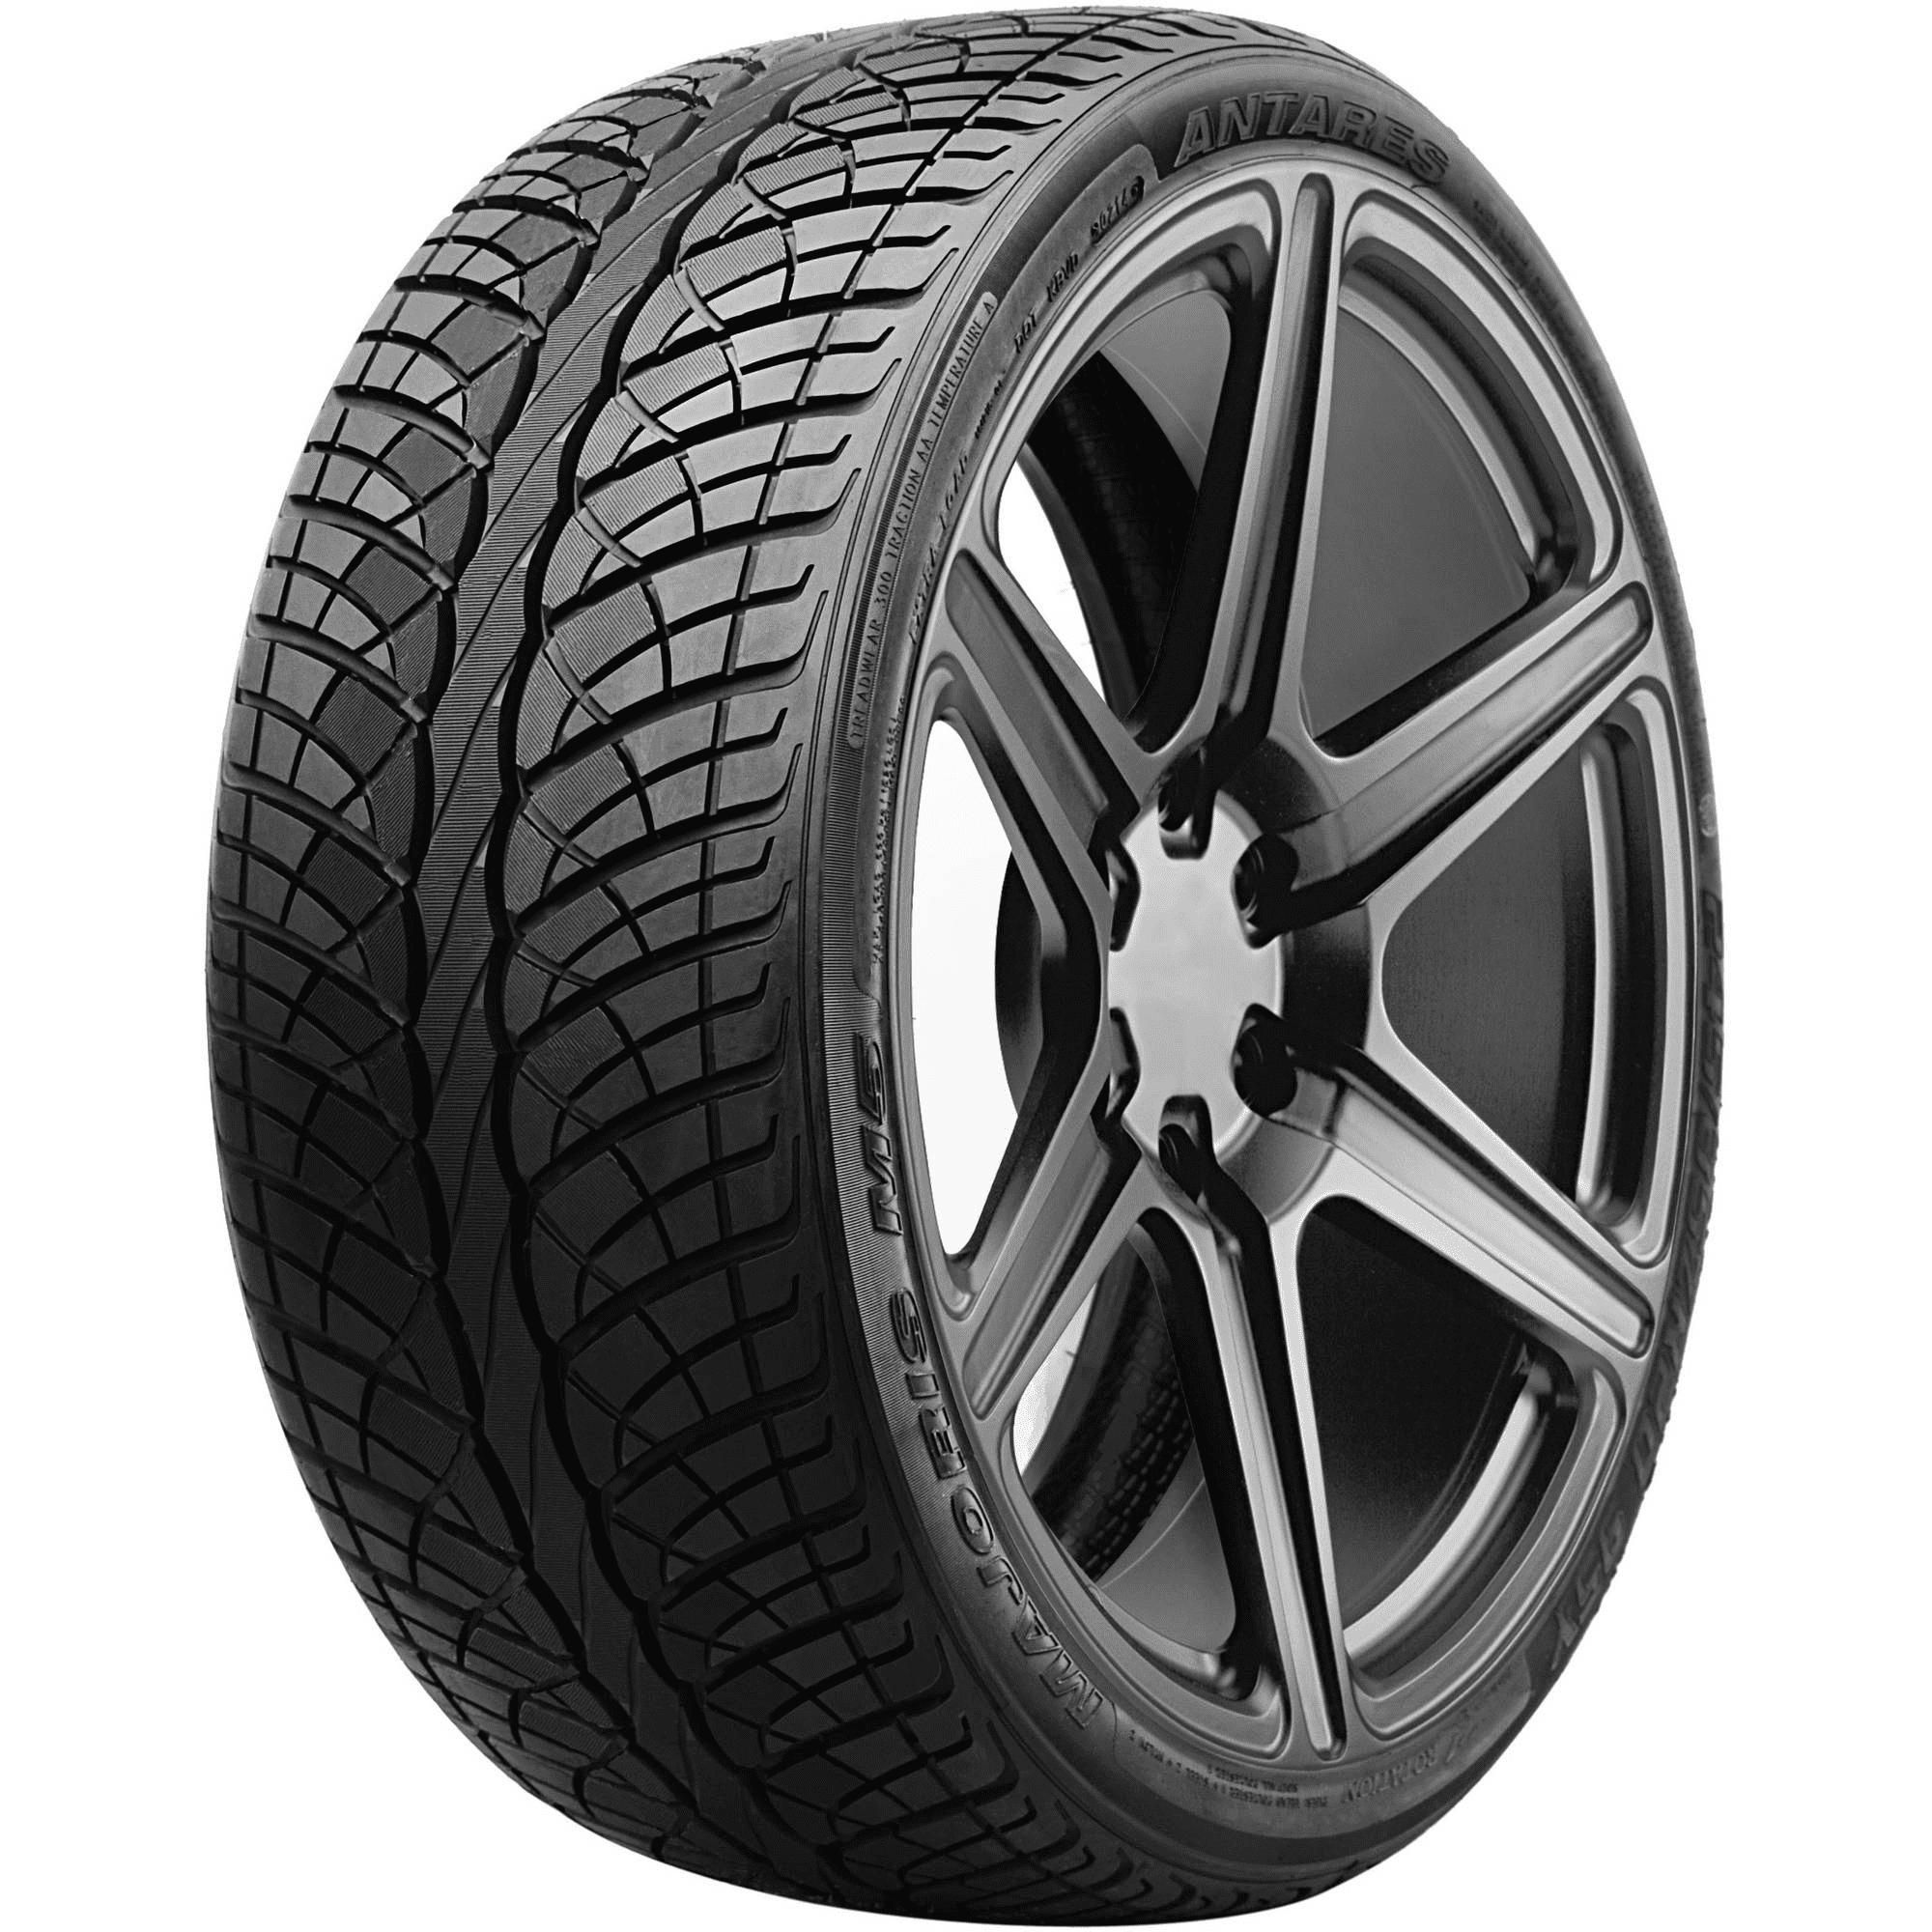 Antares Majoris M5 High Performance Tire - 265/35R22 102V